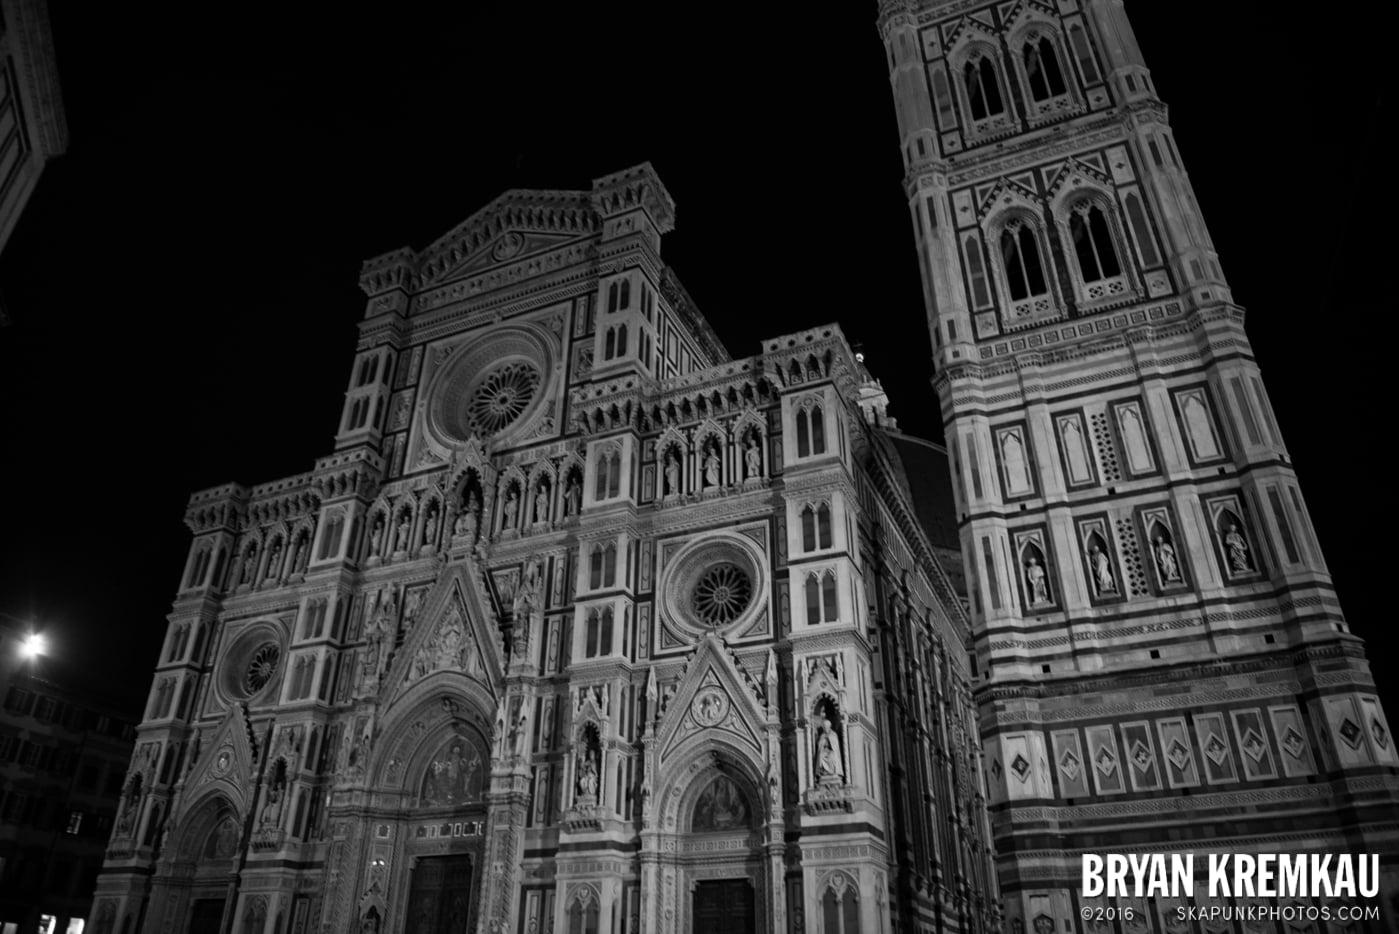 Italy Vacation - Day 8: Siena, San Gimignano, Chianti, Pisa - 9.16.13 (2)